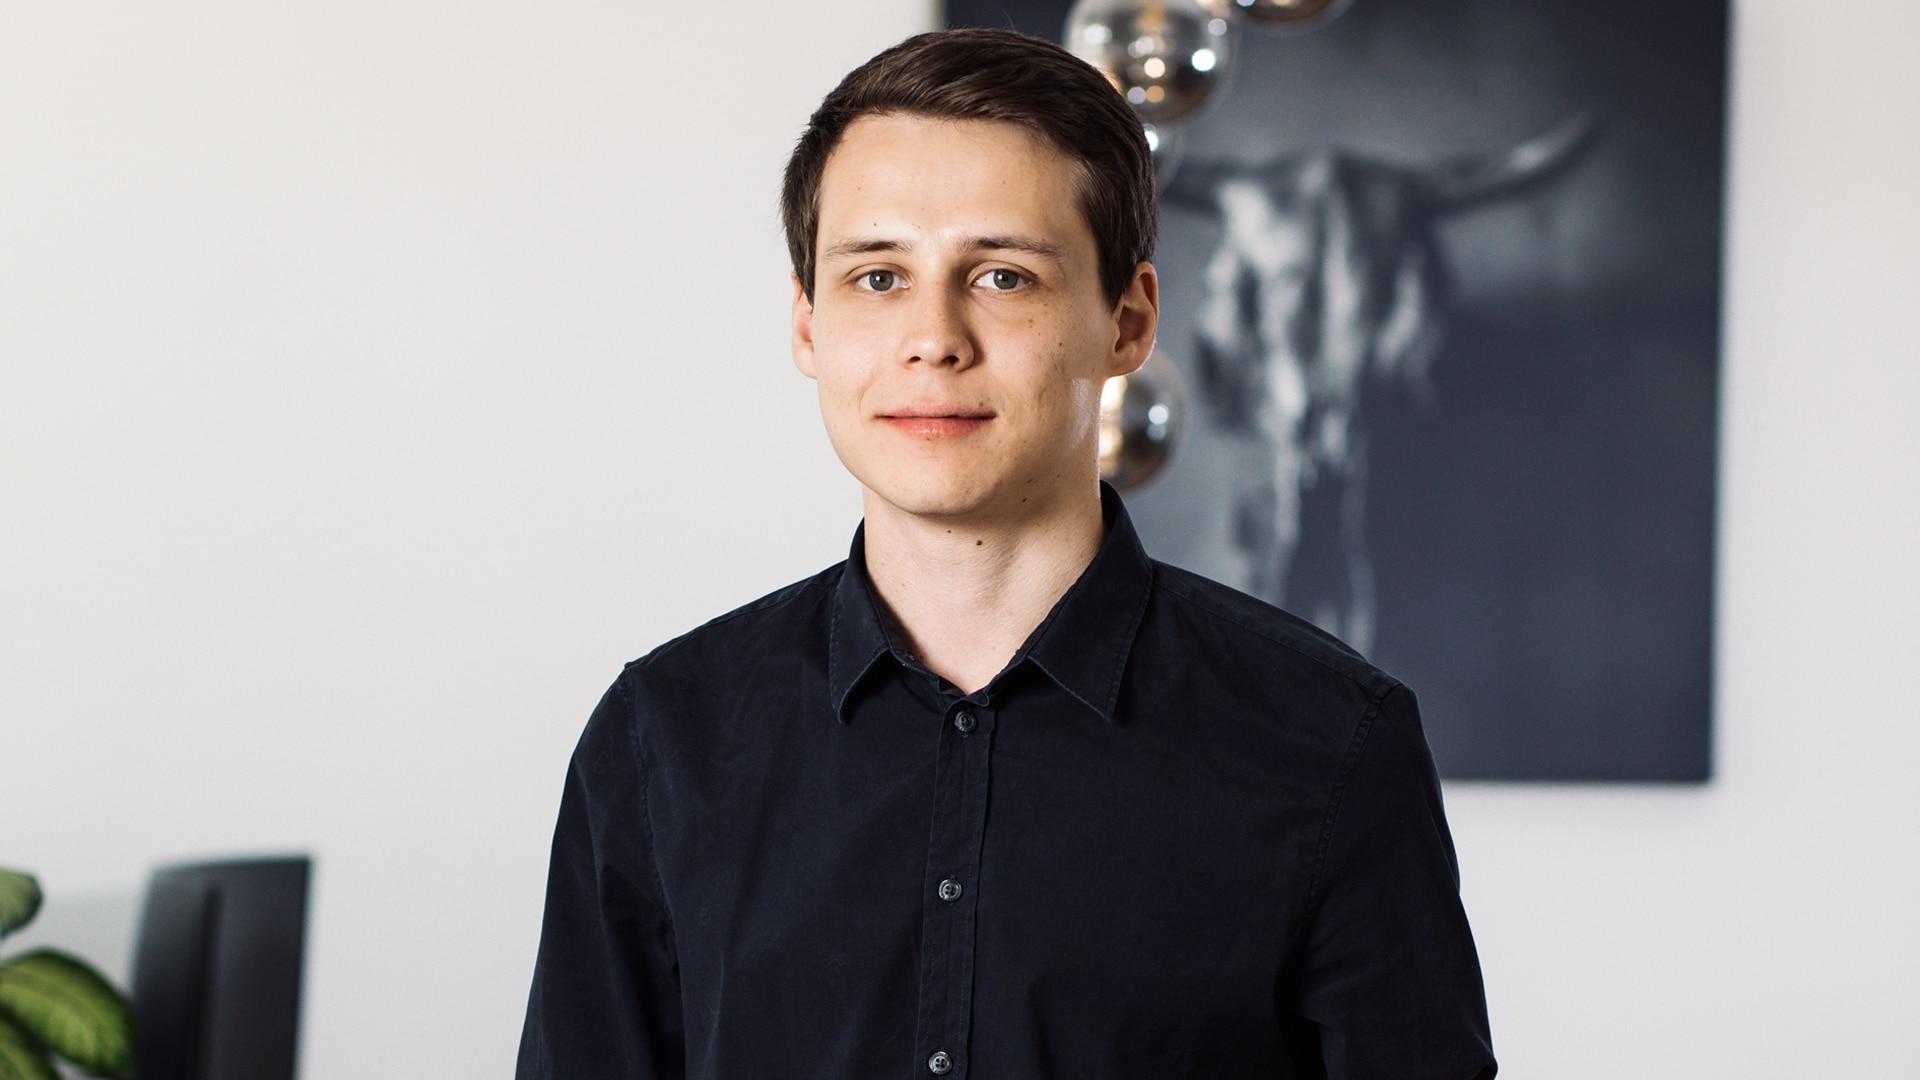 HELLO BEAUTY Marketing GmbH - Andreas Schnitzer - Ich arbeite neue apparative Behandlungen aus und bin geflasht wie viele Geräte mittlerweile zum Einsatz kommen bei unseren Kampagnen.